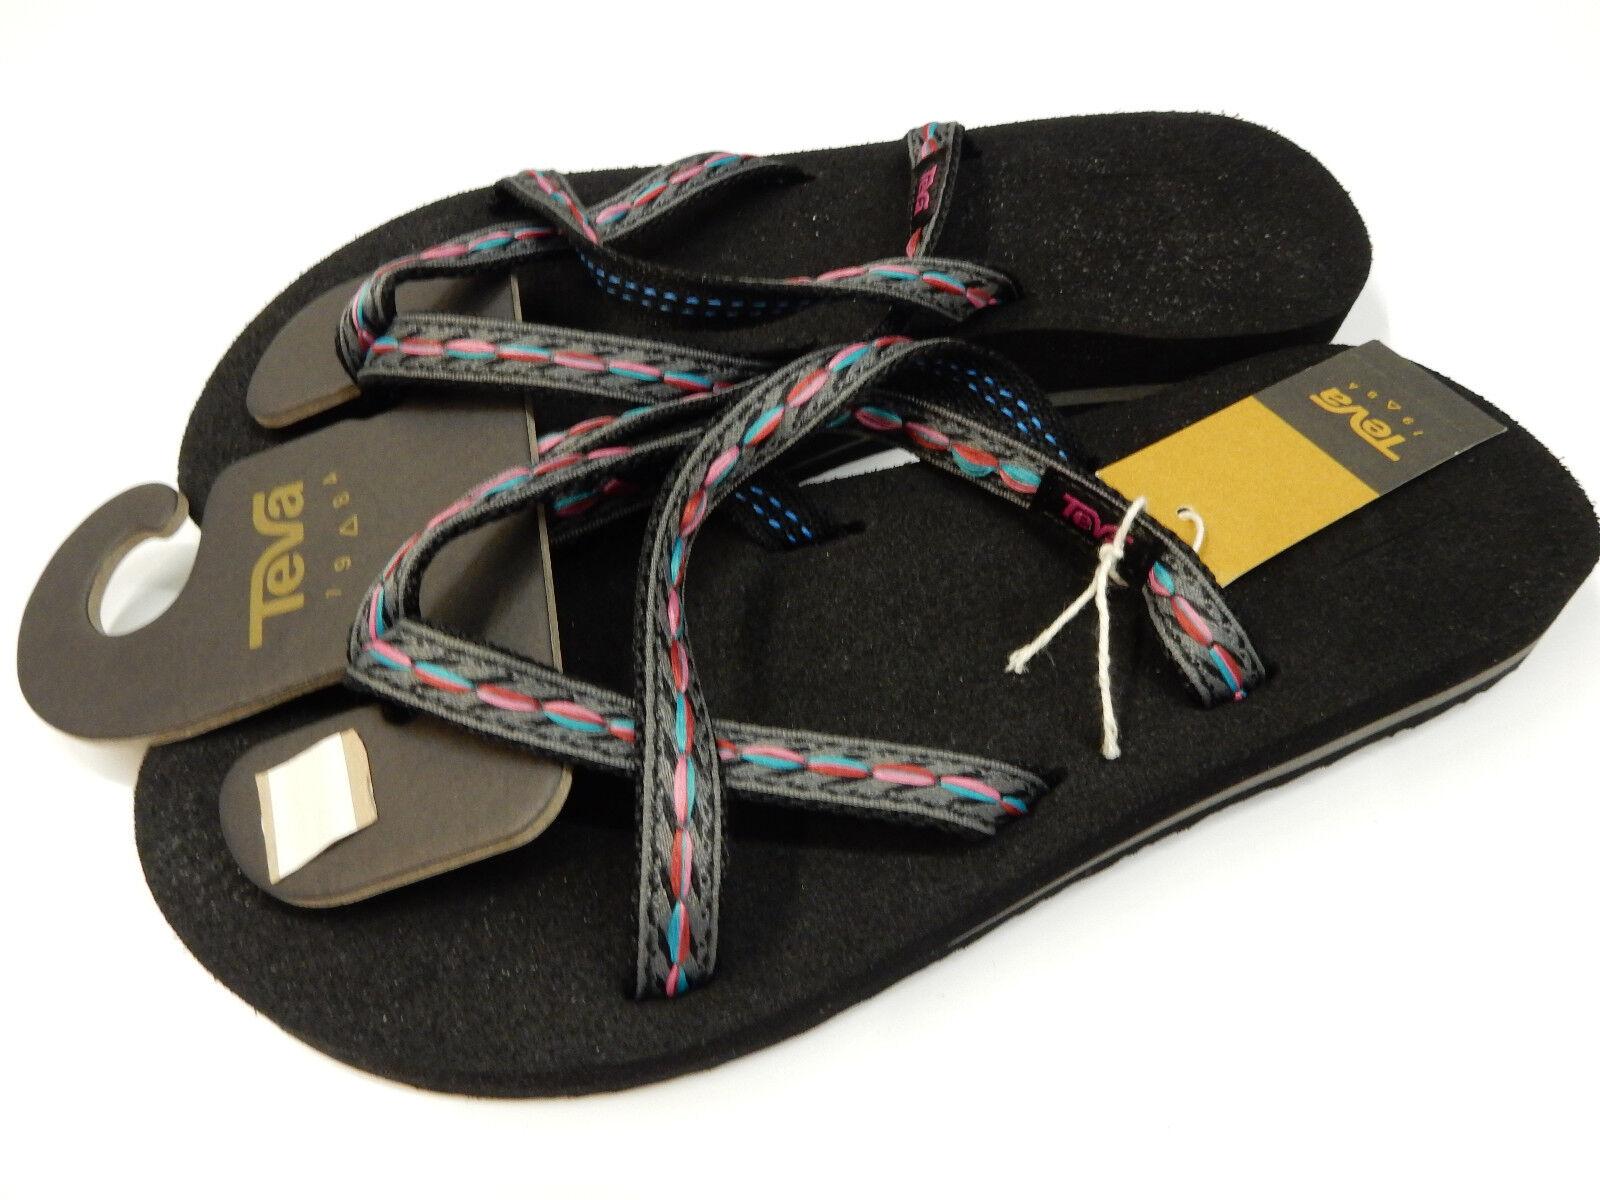 782b8d67017c5c Teva 6840 Fblck Olowahu Felicitas Black Women s Sandals 10 US for sale  online